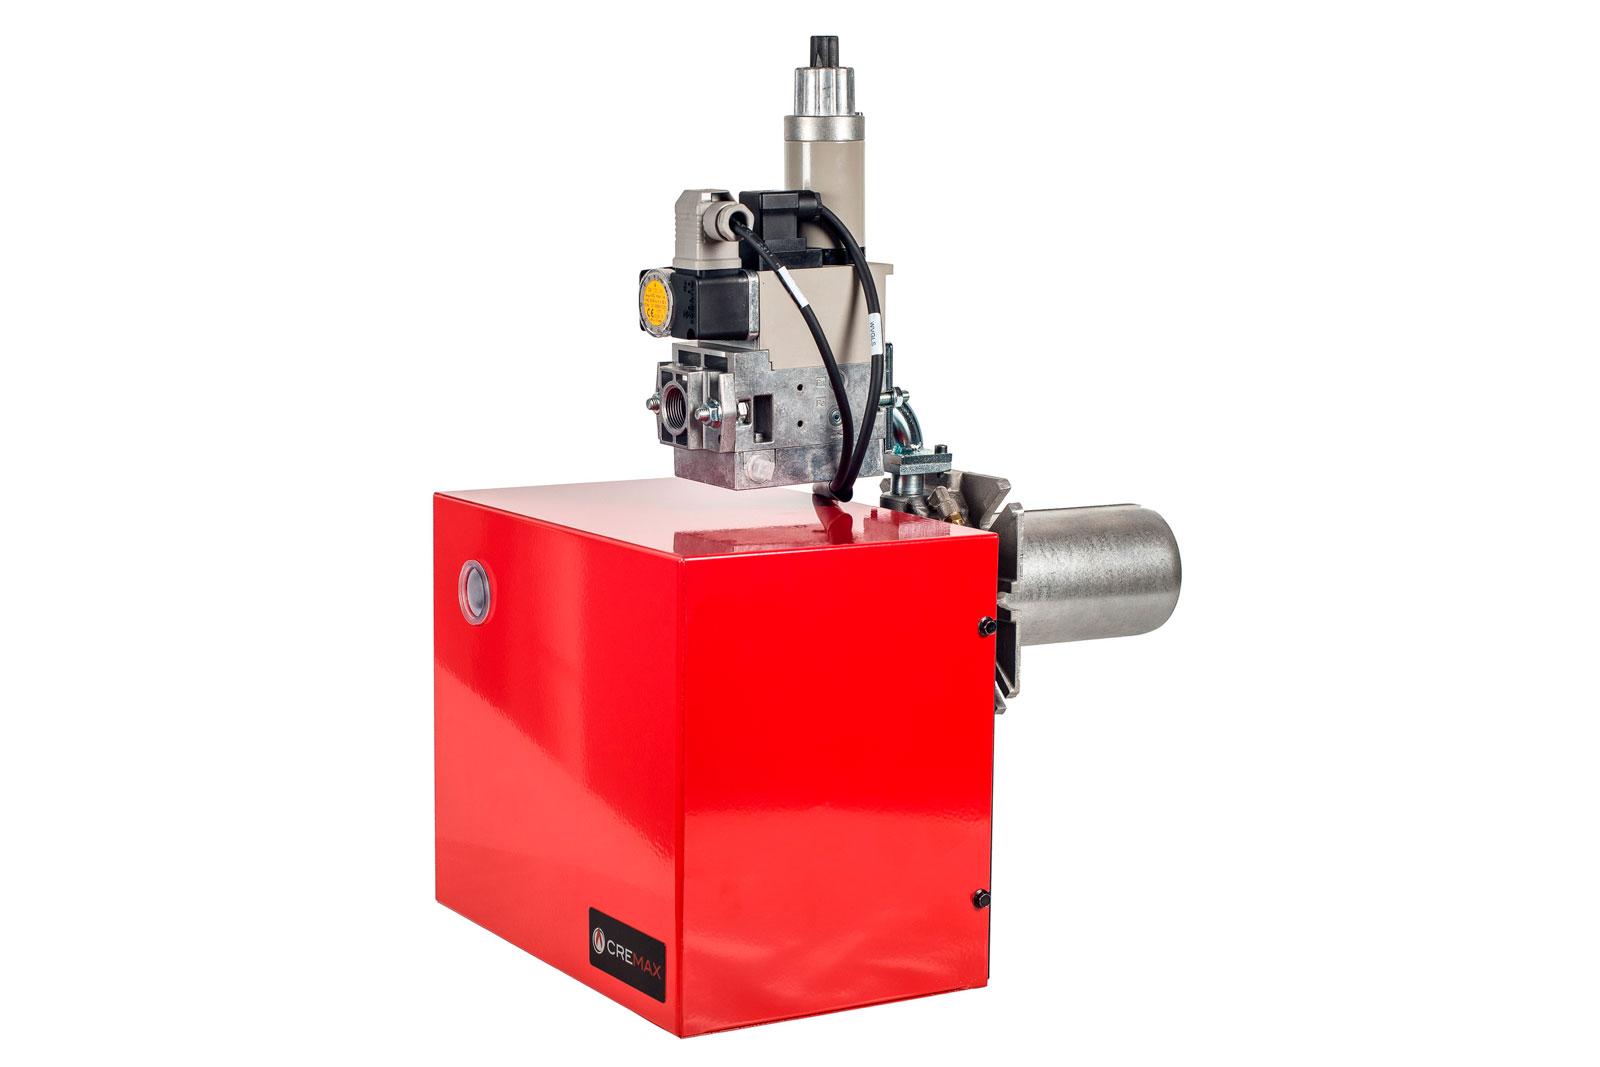 quemador-cremax-gas-2-llamas-18Kw-a-174kw-flamax-eficiencia-energetica-ppal